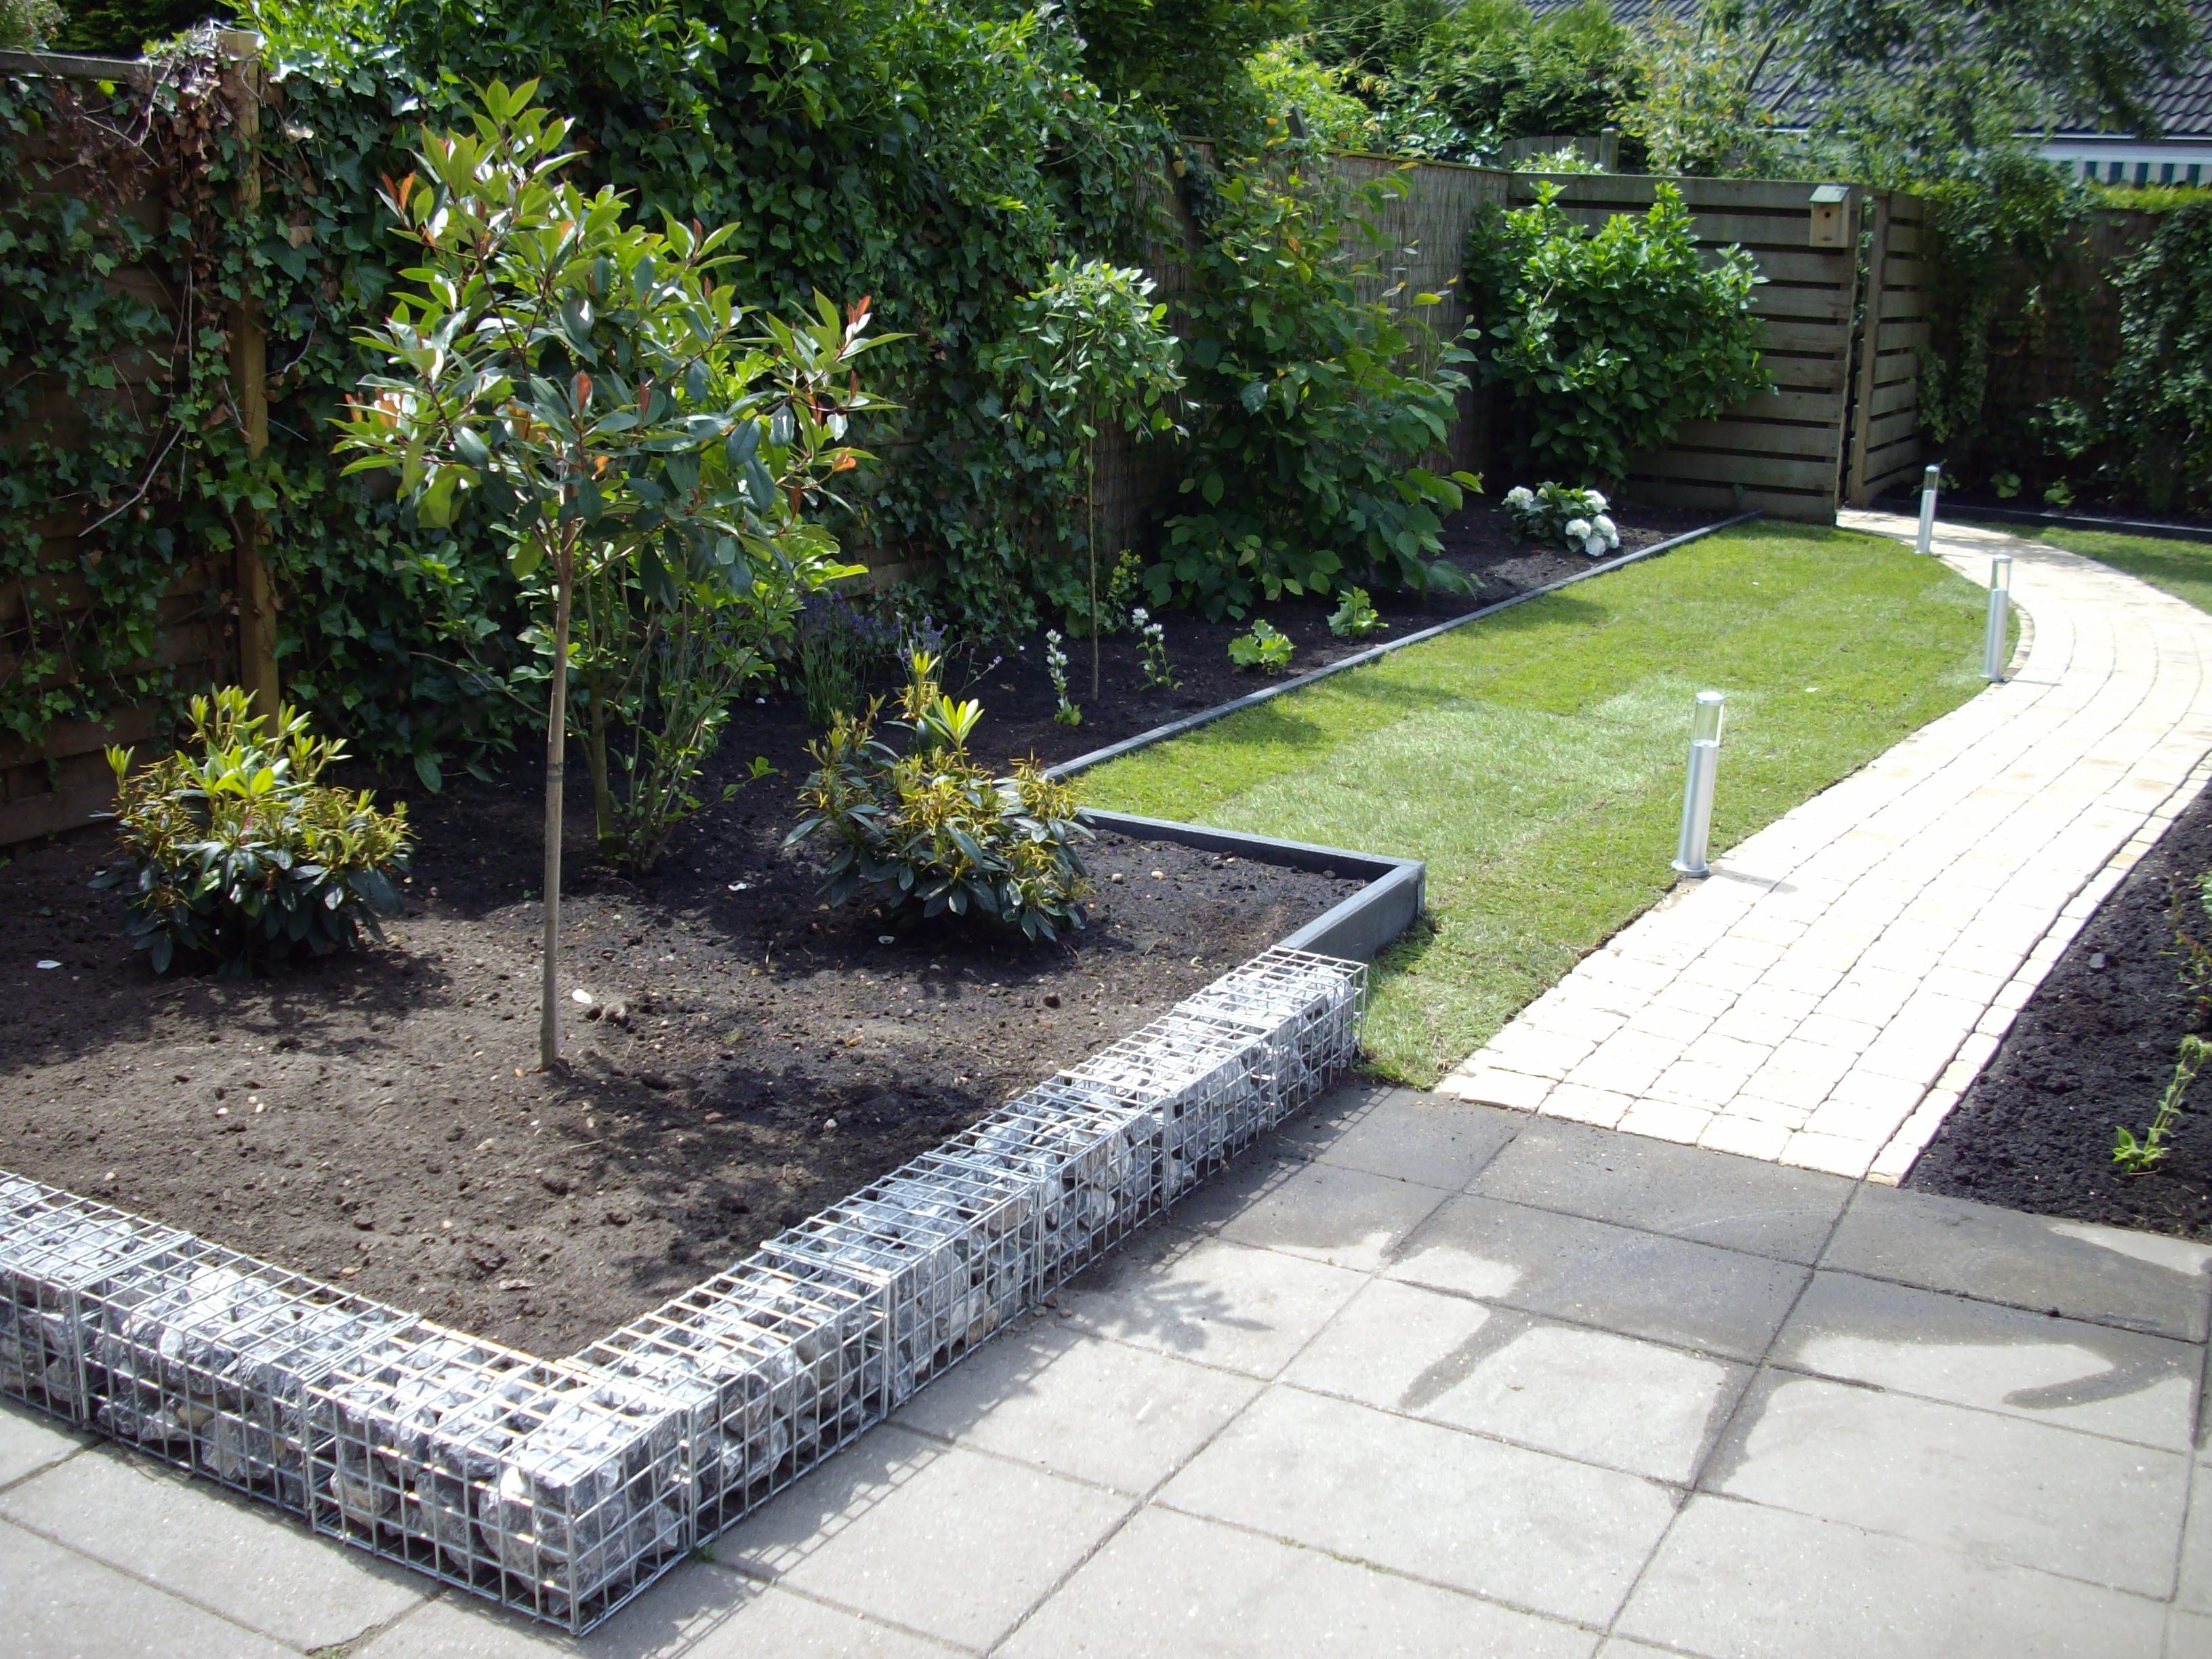 Van de bovenste plank ontwerp je eigen tuin inspirerende idee n ontwerp met foto 39 s en - Tuin ontwerp foto ...